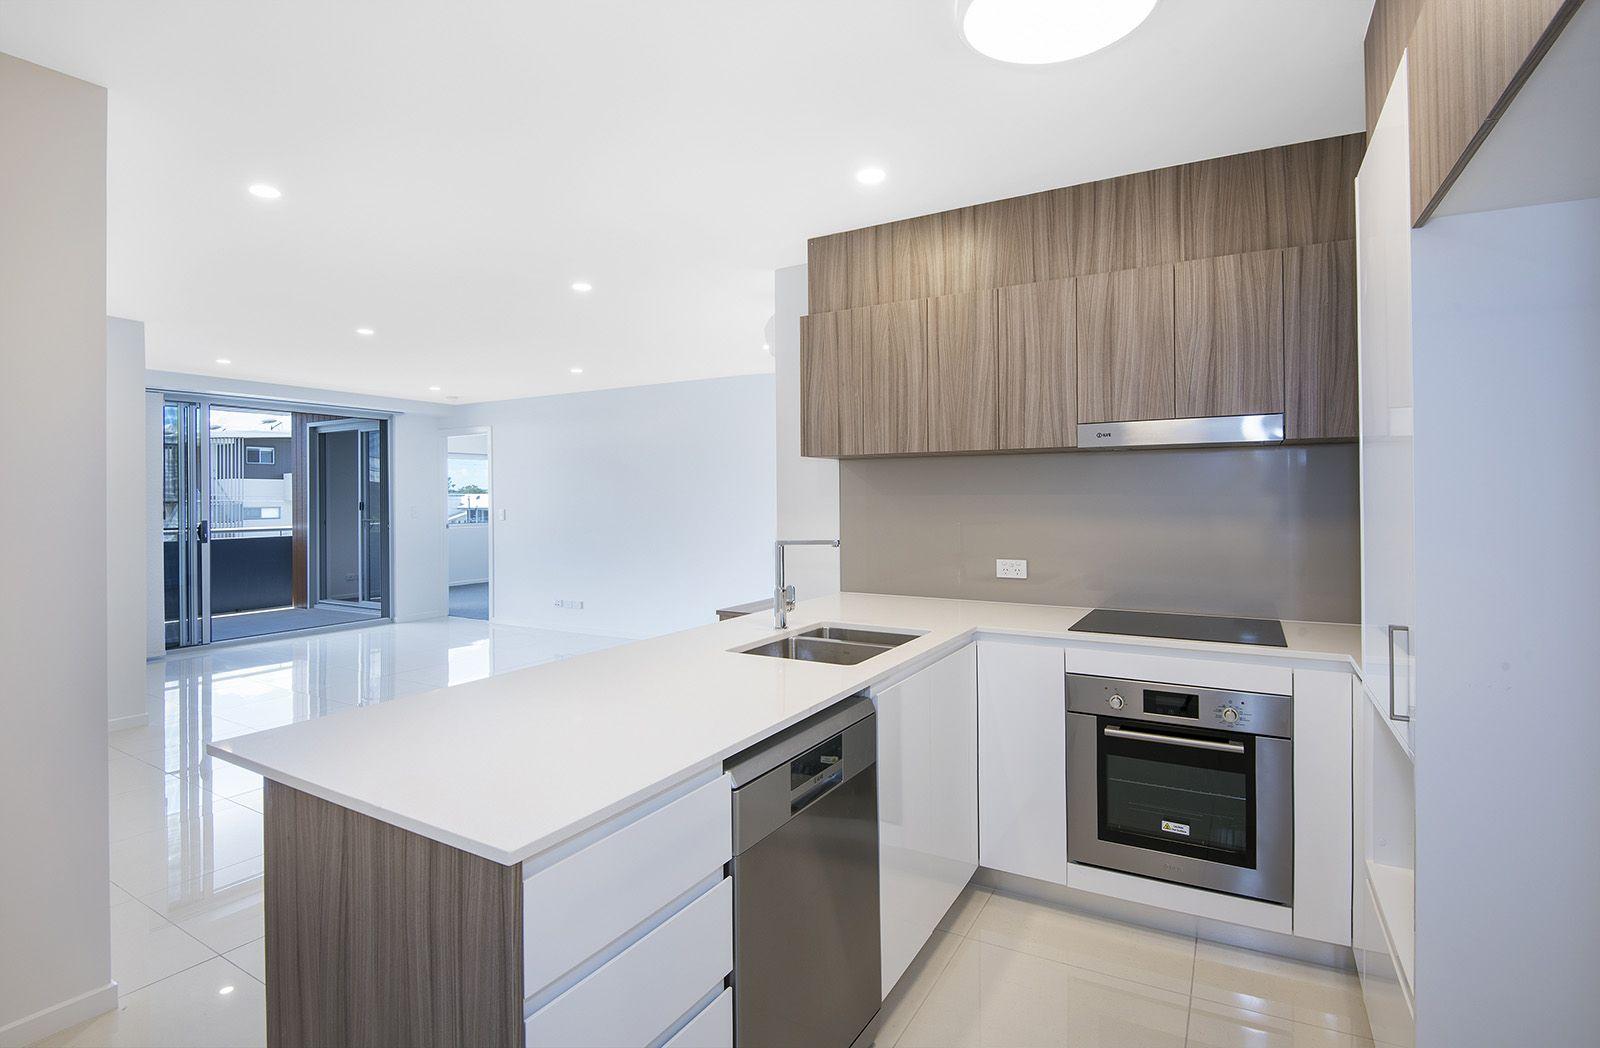 3/55 Kates Street, Morningside QLD 4170, Image 0